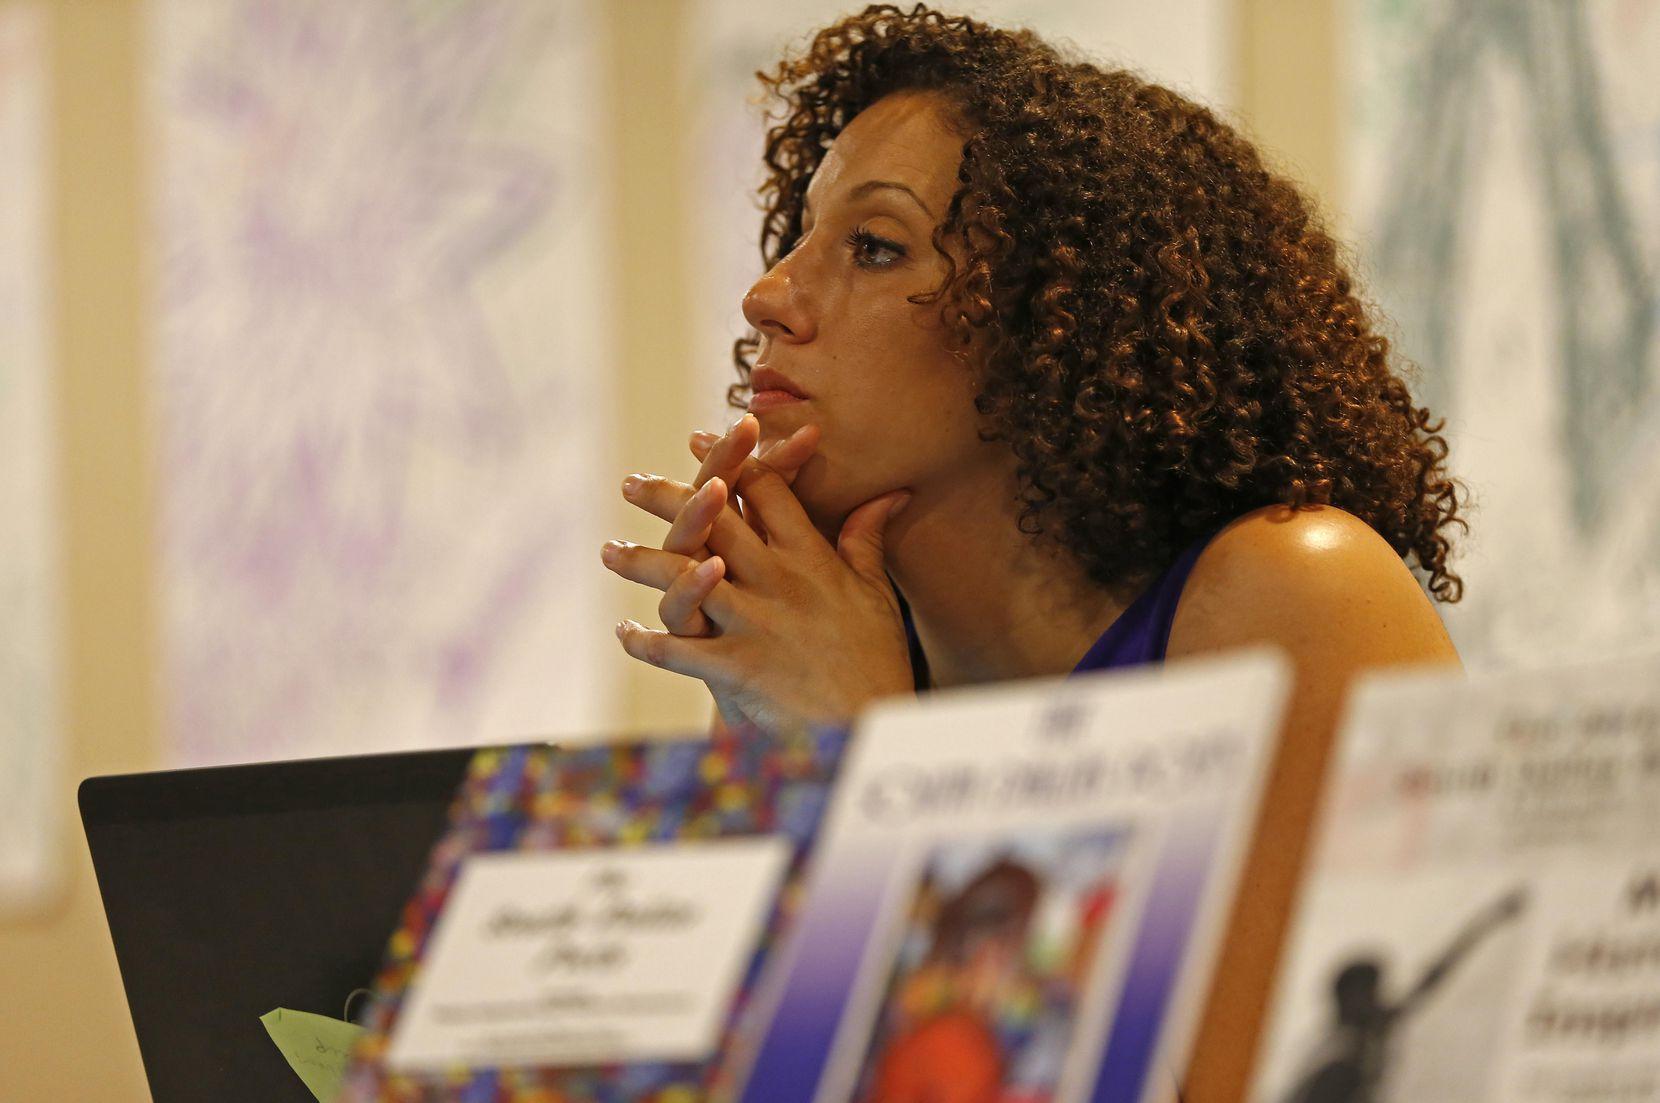 Sara Mokuria es cofundadora de Mothers Against Police Brutality e impulsa el diálogo entre comunidad y policías.